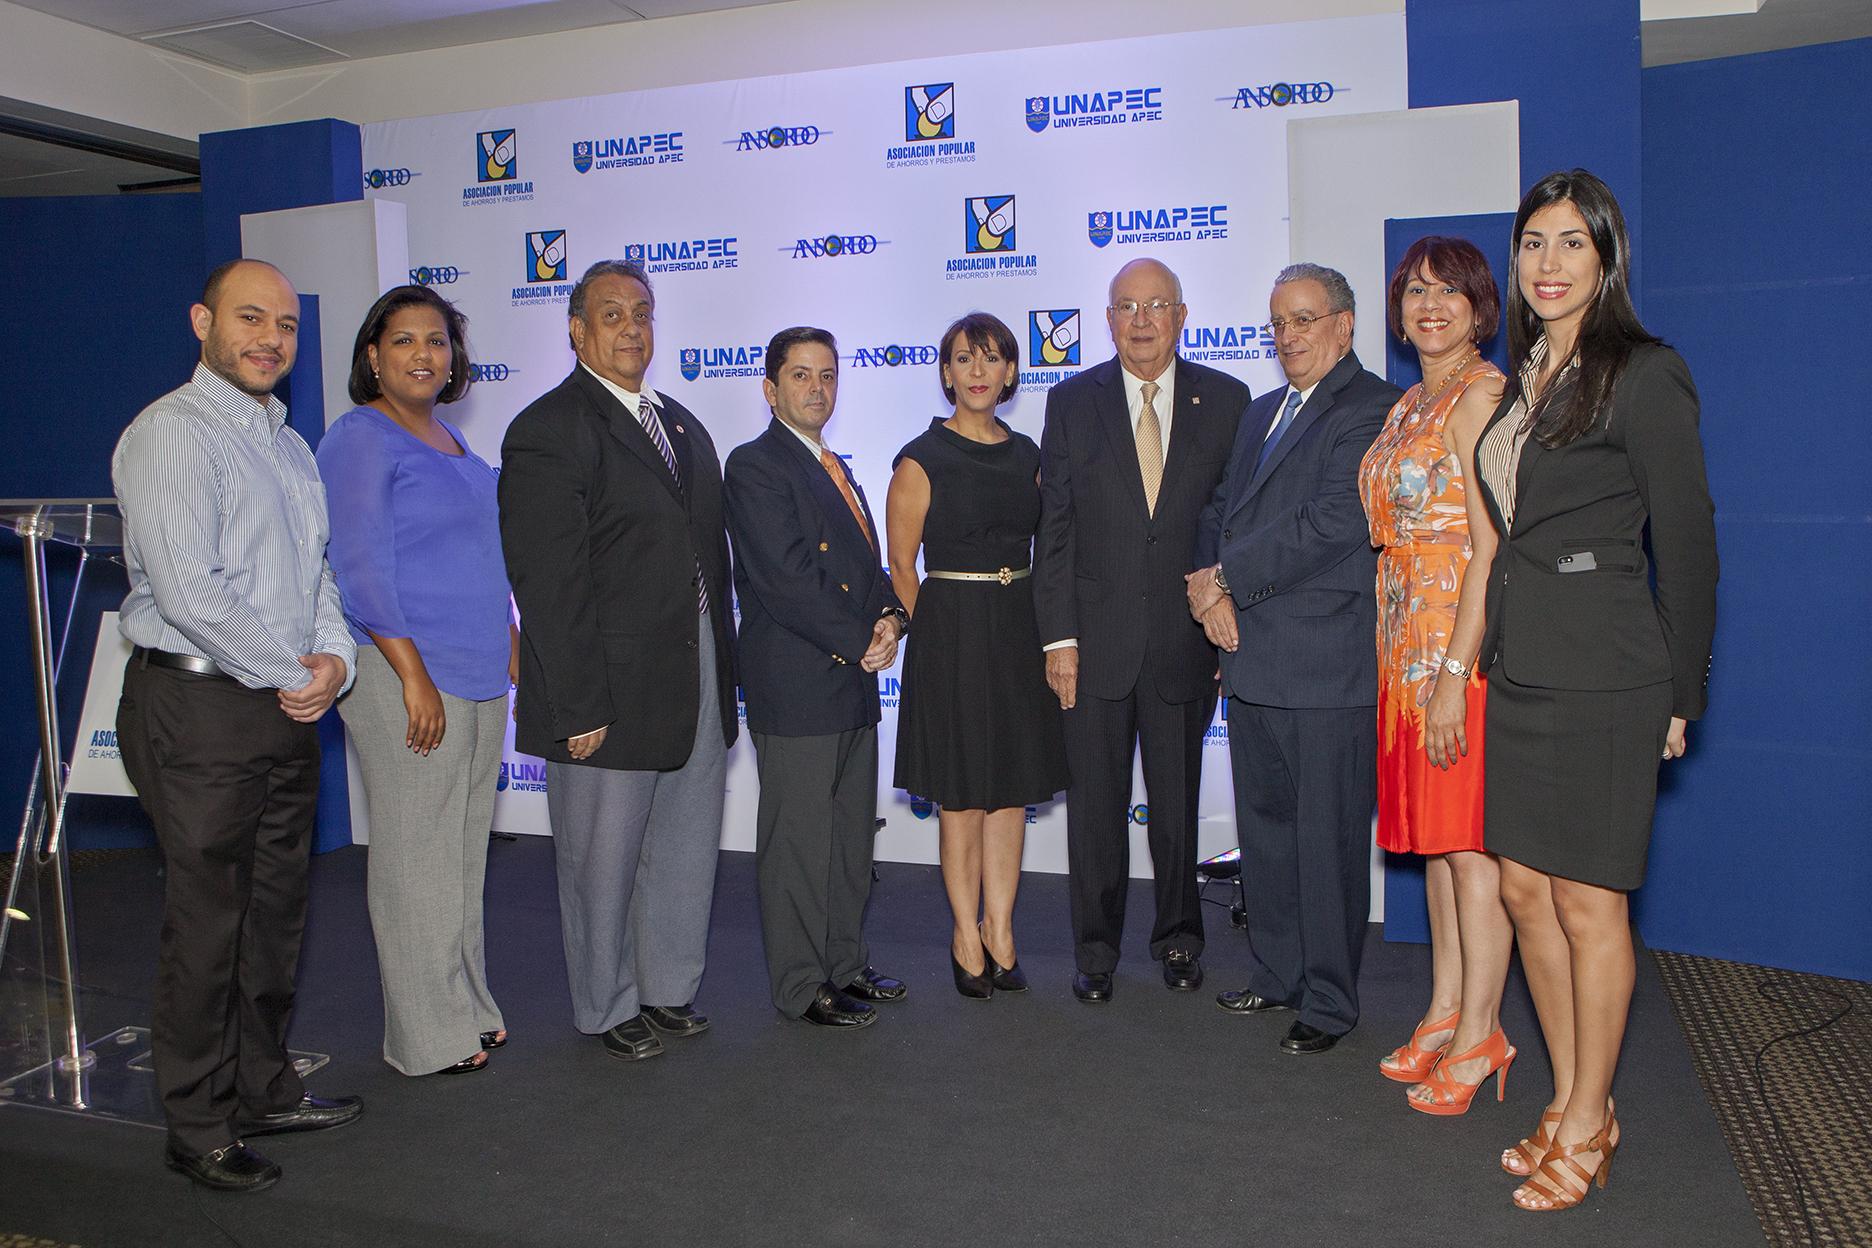 En la actividad también estuvieron presentes directivos de La Asociación Dominicana de Rehabilitación, Consejo Nacional de Personas con Discapacidad (Conadis), Patronato de Ciegos, entre otras entidades sin fines de lucro.